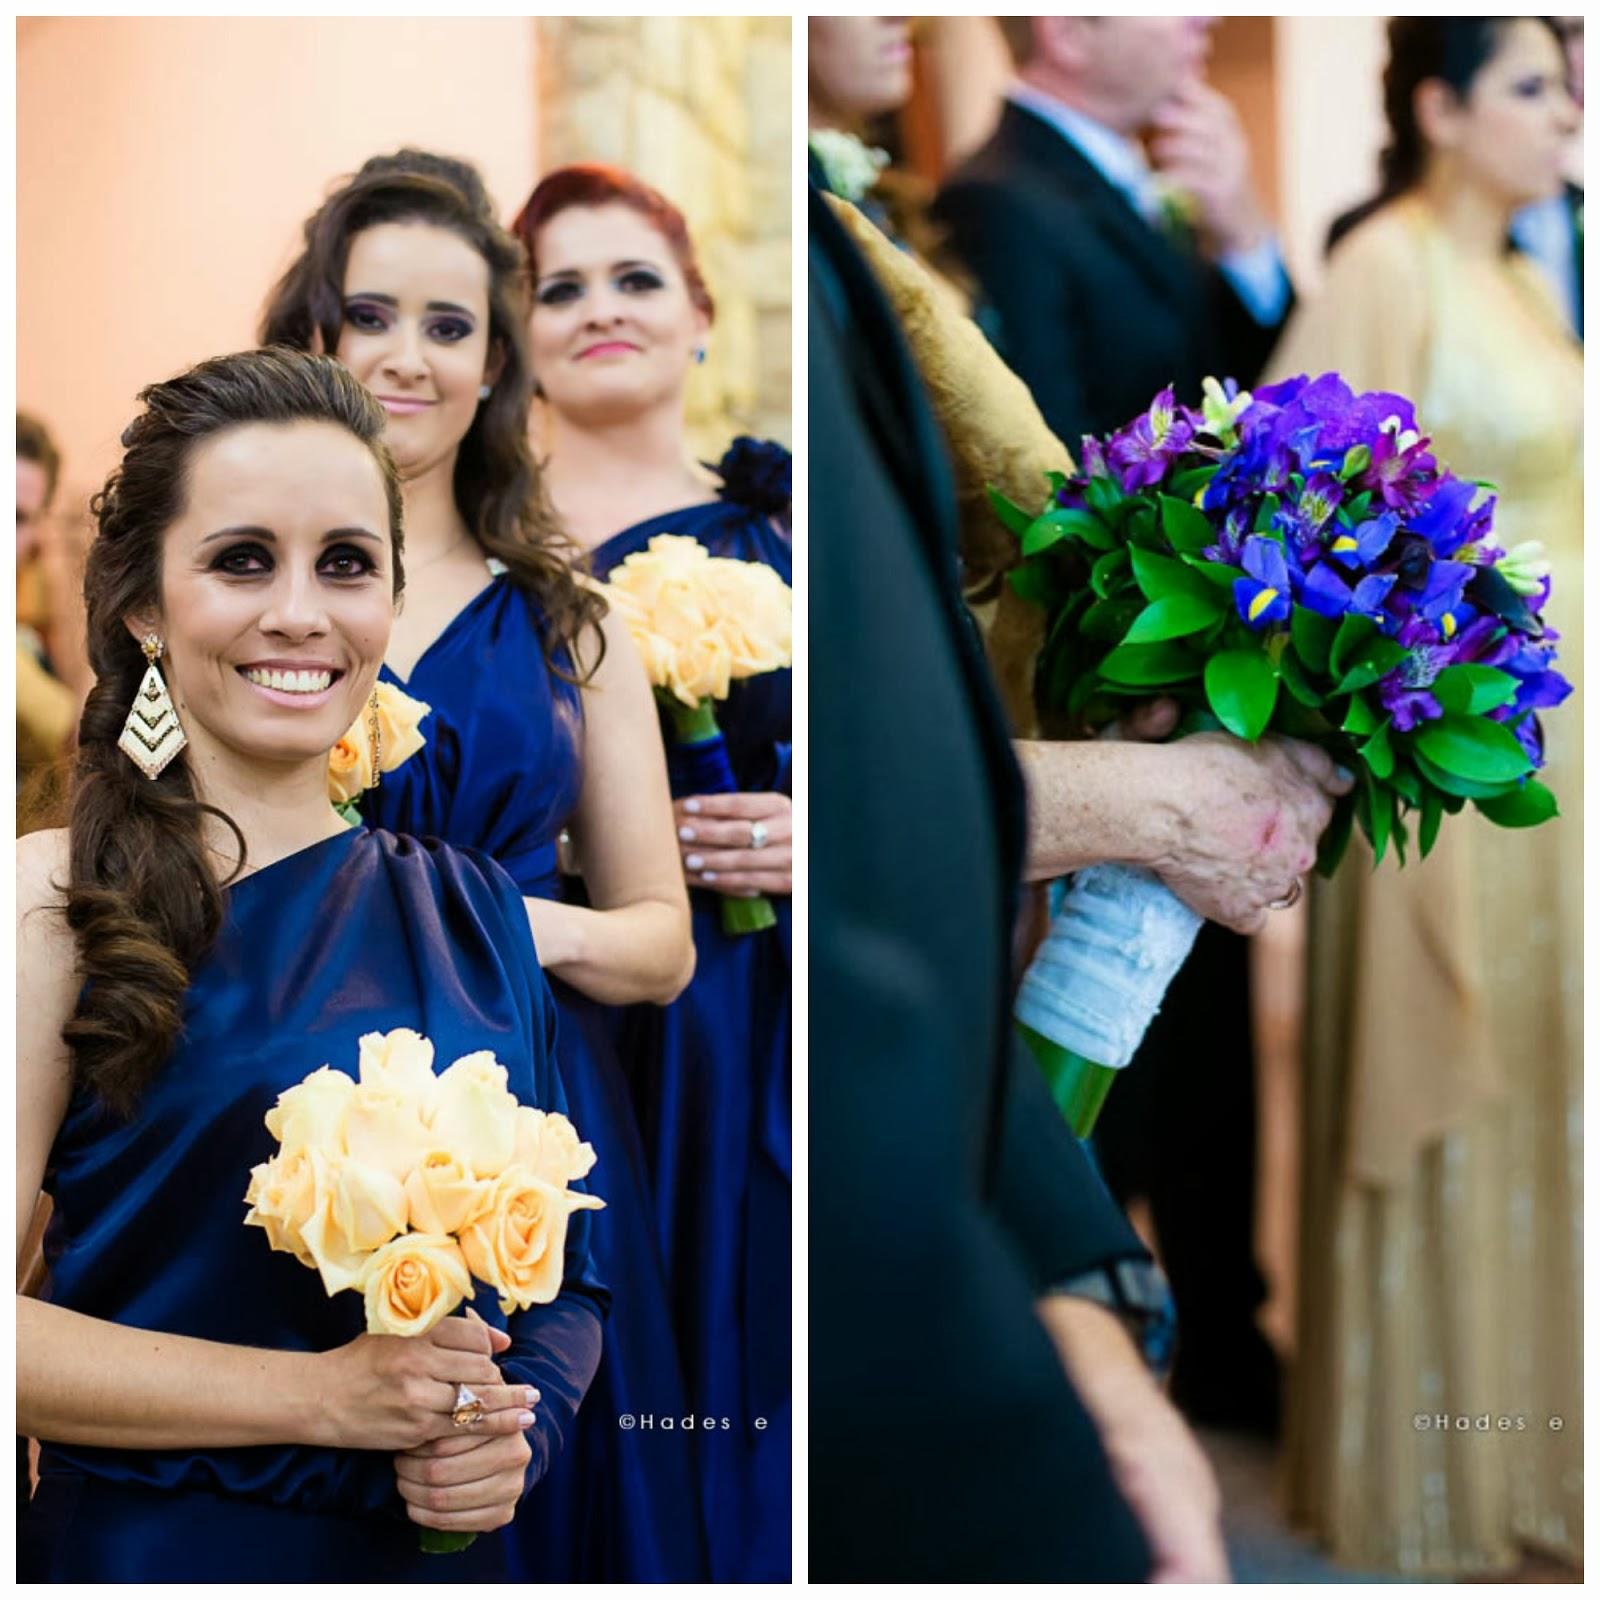 madrinhas - damas adultas - demoiselles - madrinhas com vestido igual - madrinhas da mesma cor - madrinhas com bouquet - bouquet